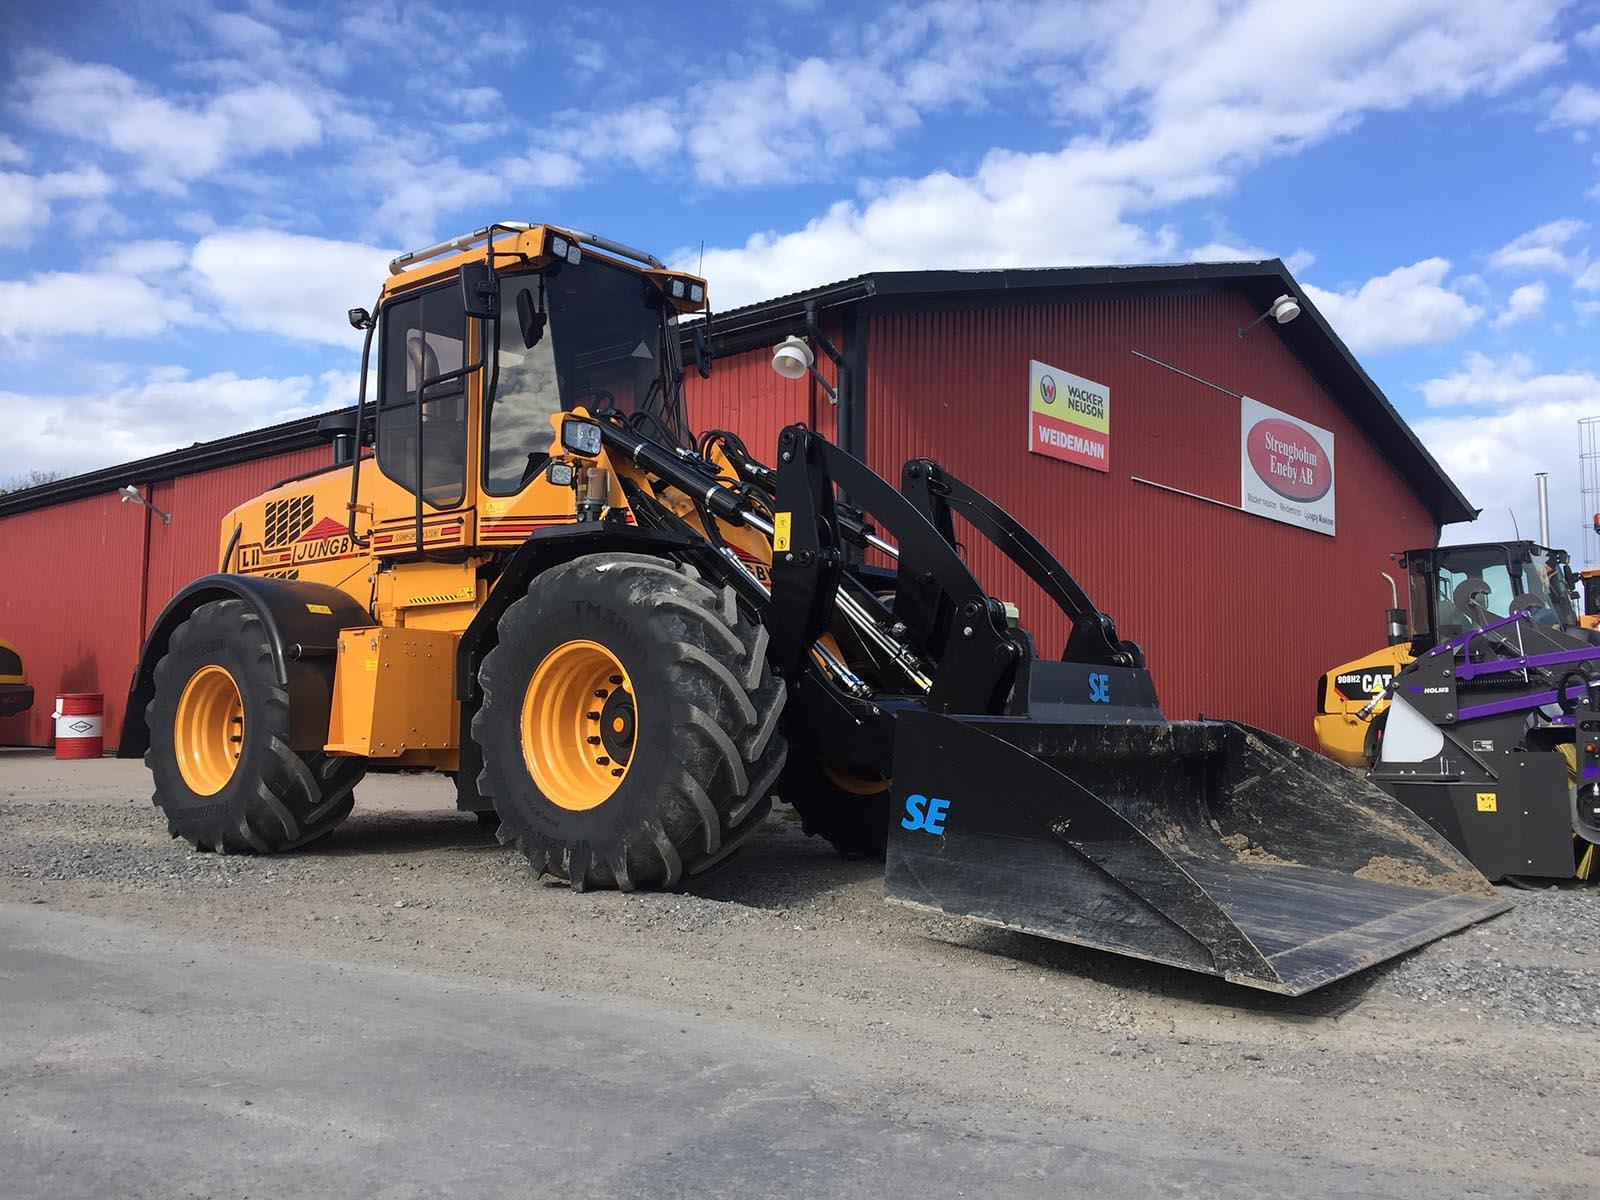 Här är en av våra hjullastare i Västmanland. Kontakta oss om du även behöver en grävmaskin i Västmanland.